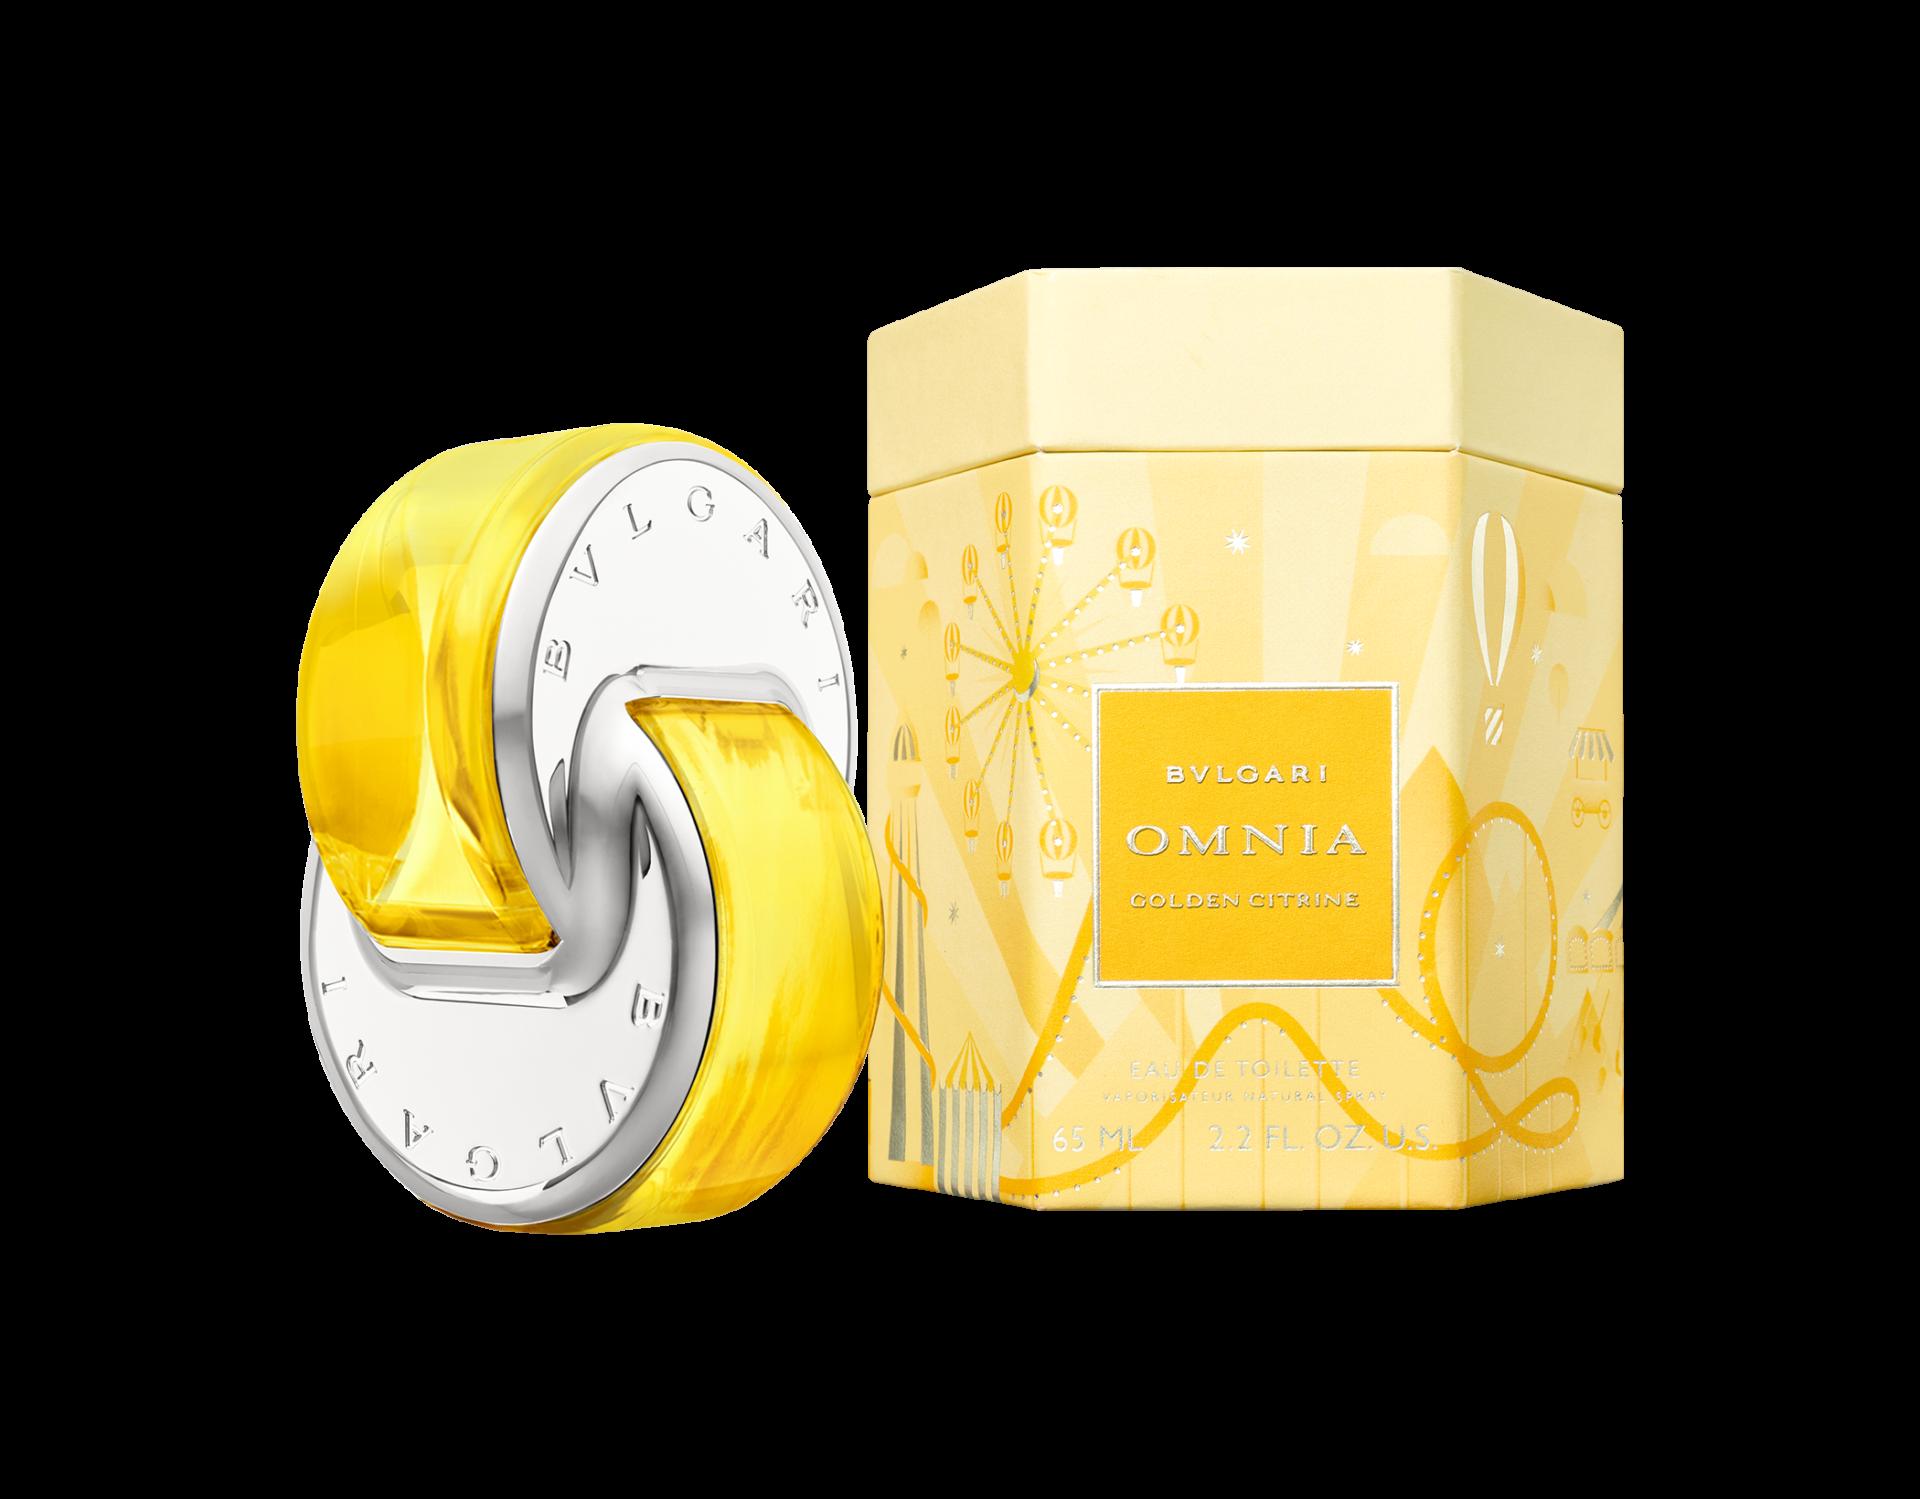 就是這個迷人微醺味,五款最適合夏天的香氛提案